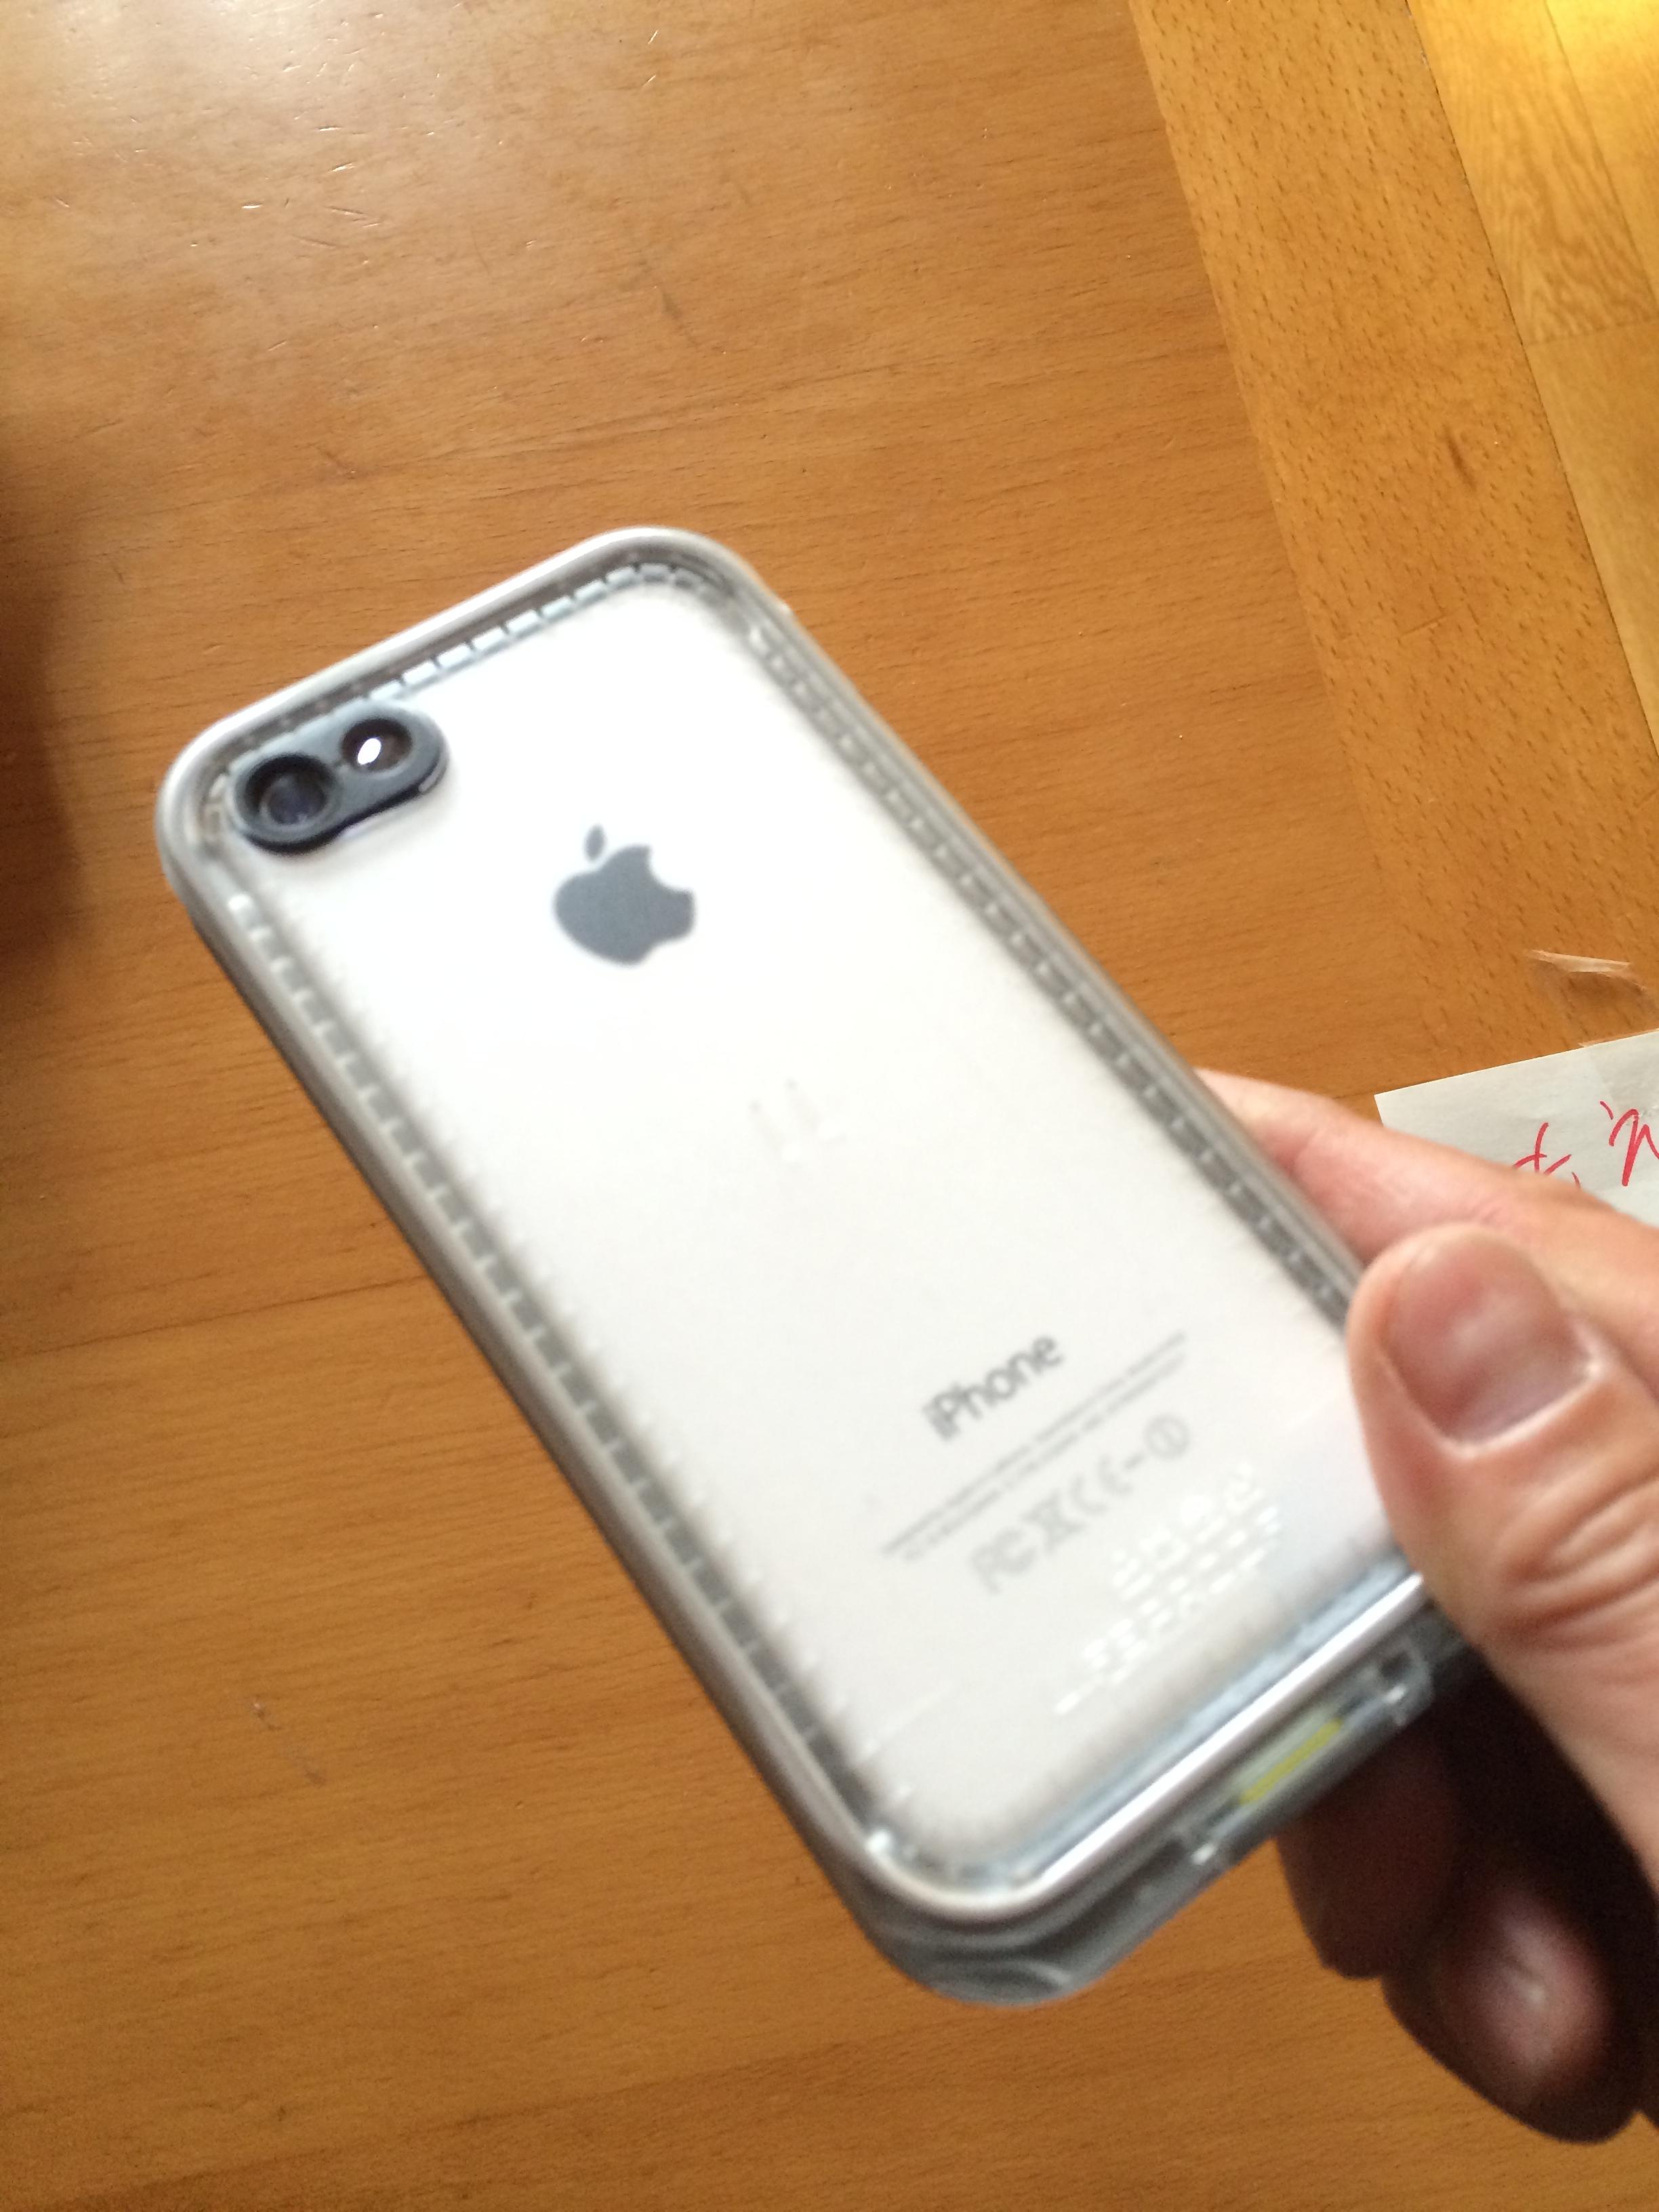 農家xiPhoneー農家のiPhoneケースはこれ!!